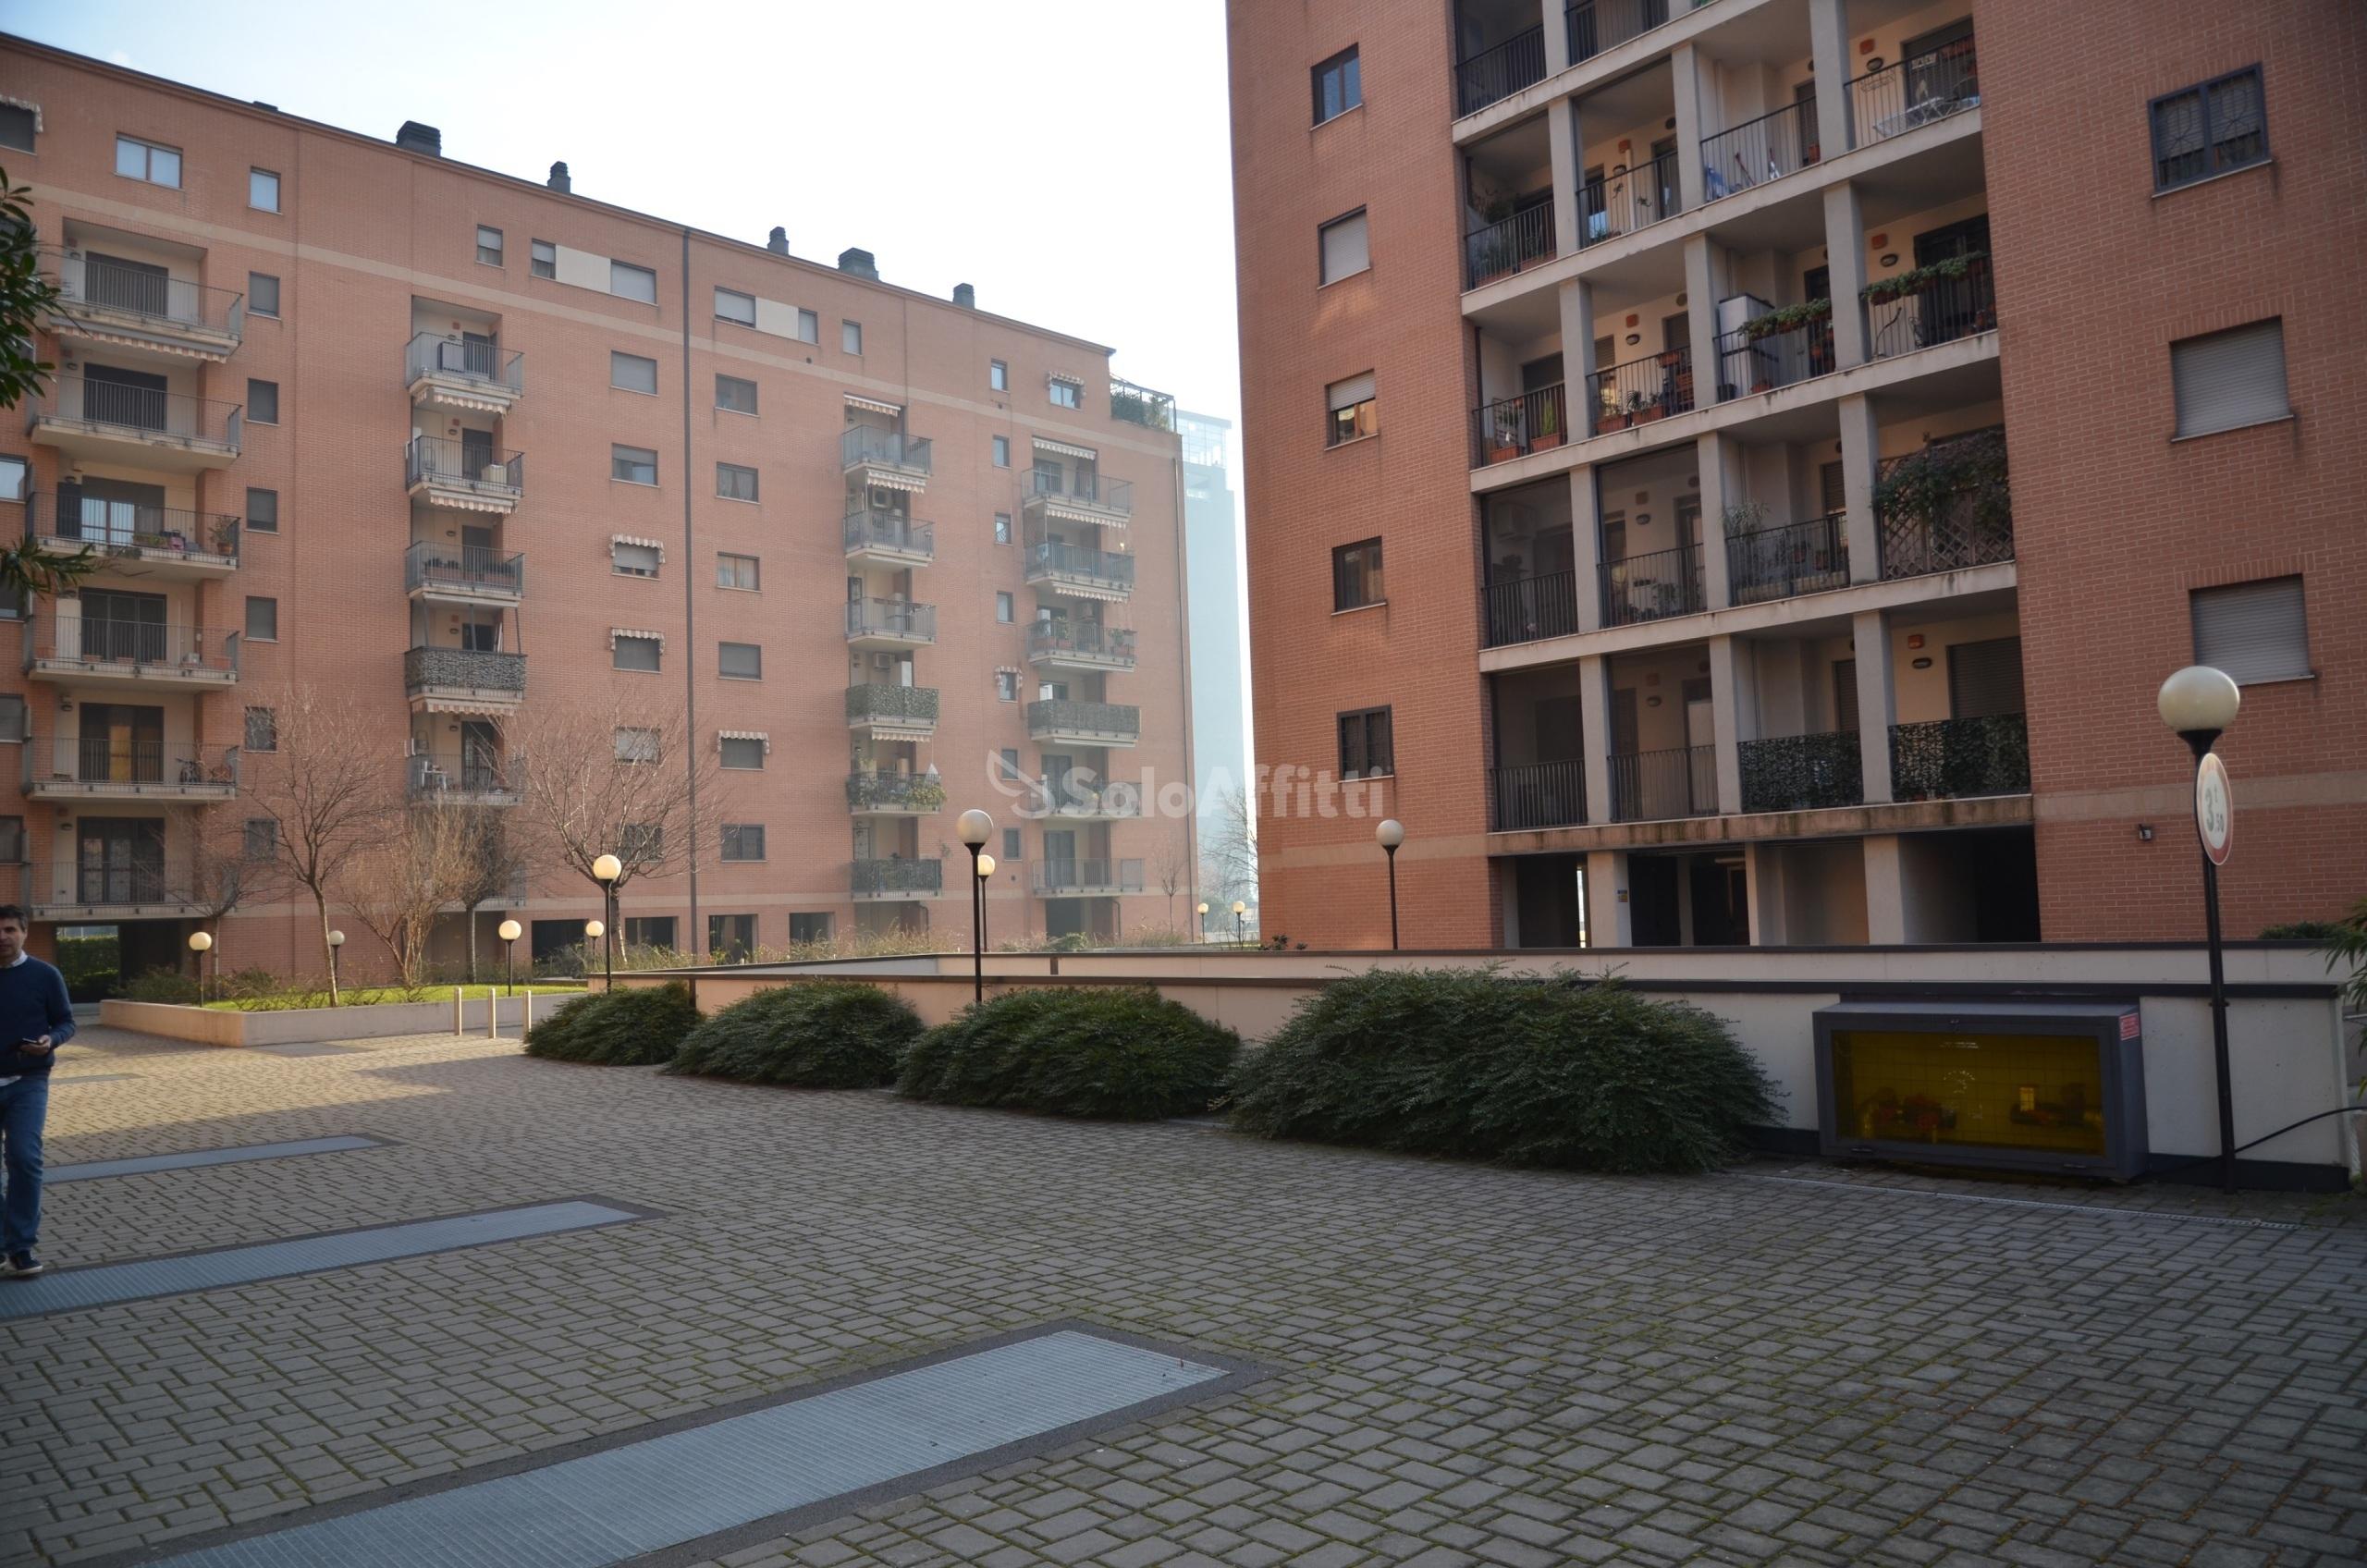 Affitto appartamento bilocale arredato for Bilocale arredato milano